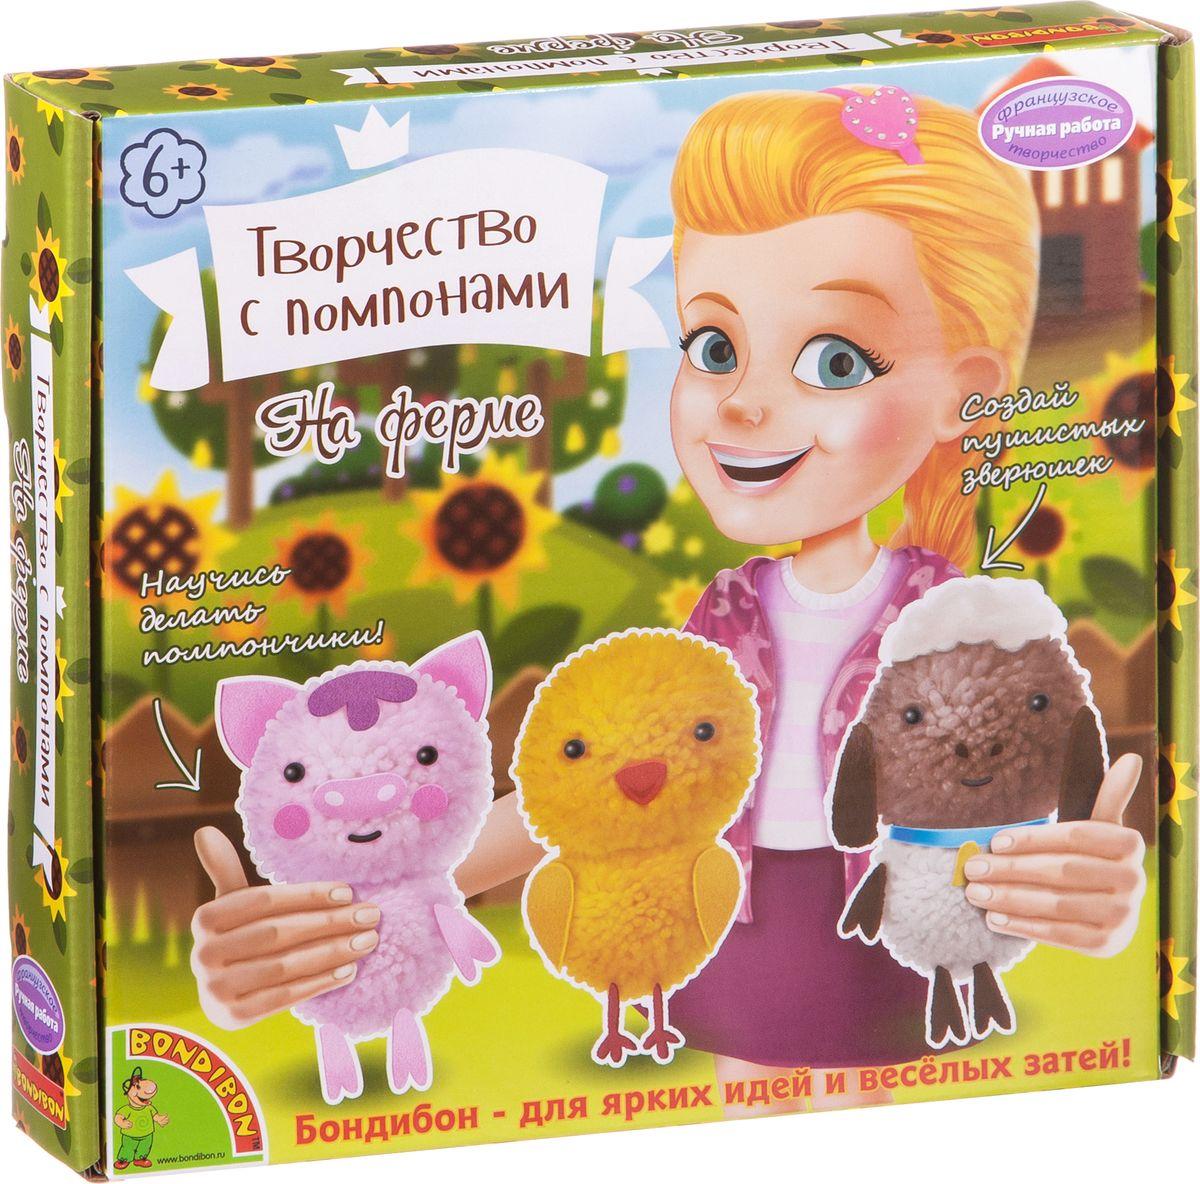 Купить Bondibon Набор для изготовления игрушек из помпонов На ферме, Игрушки своими руками